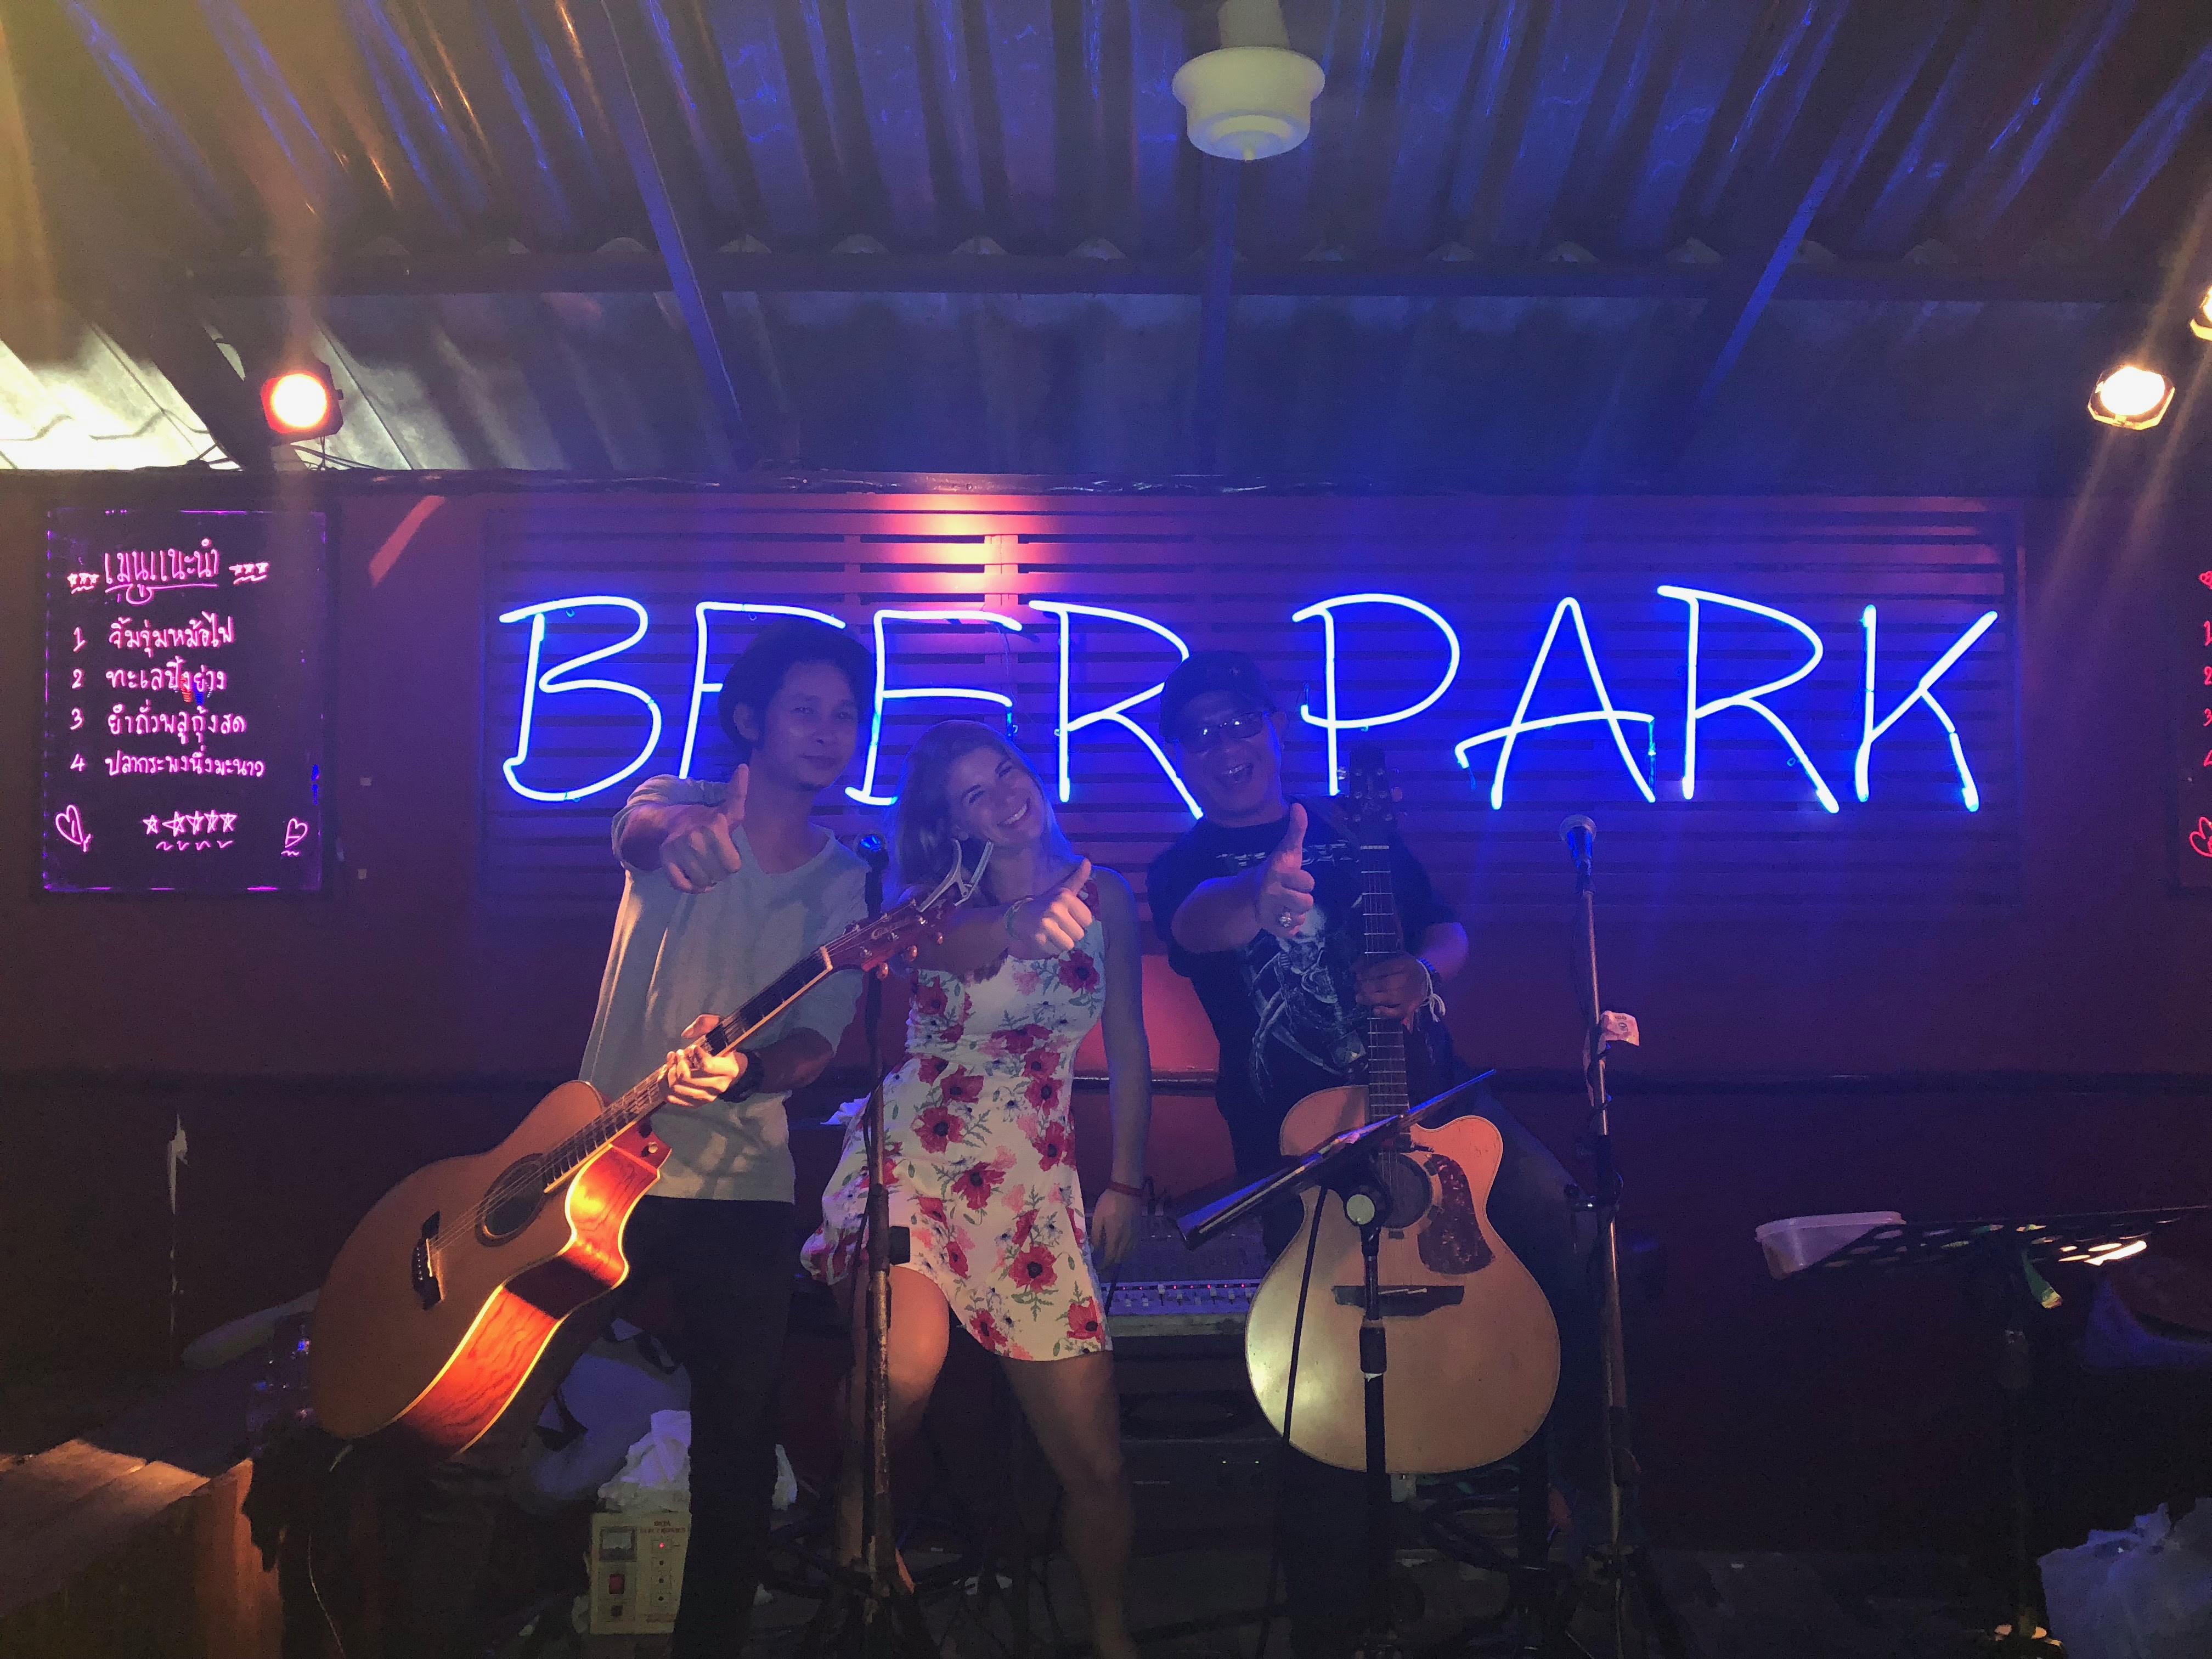 Alyssa singing at a bar